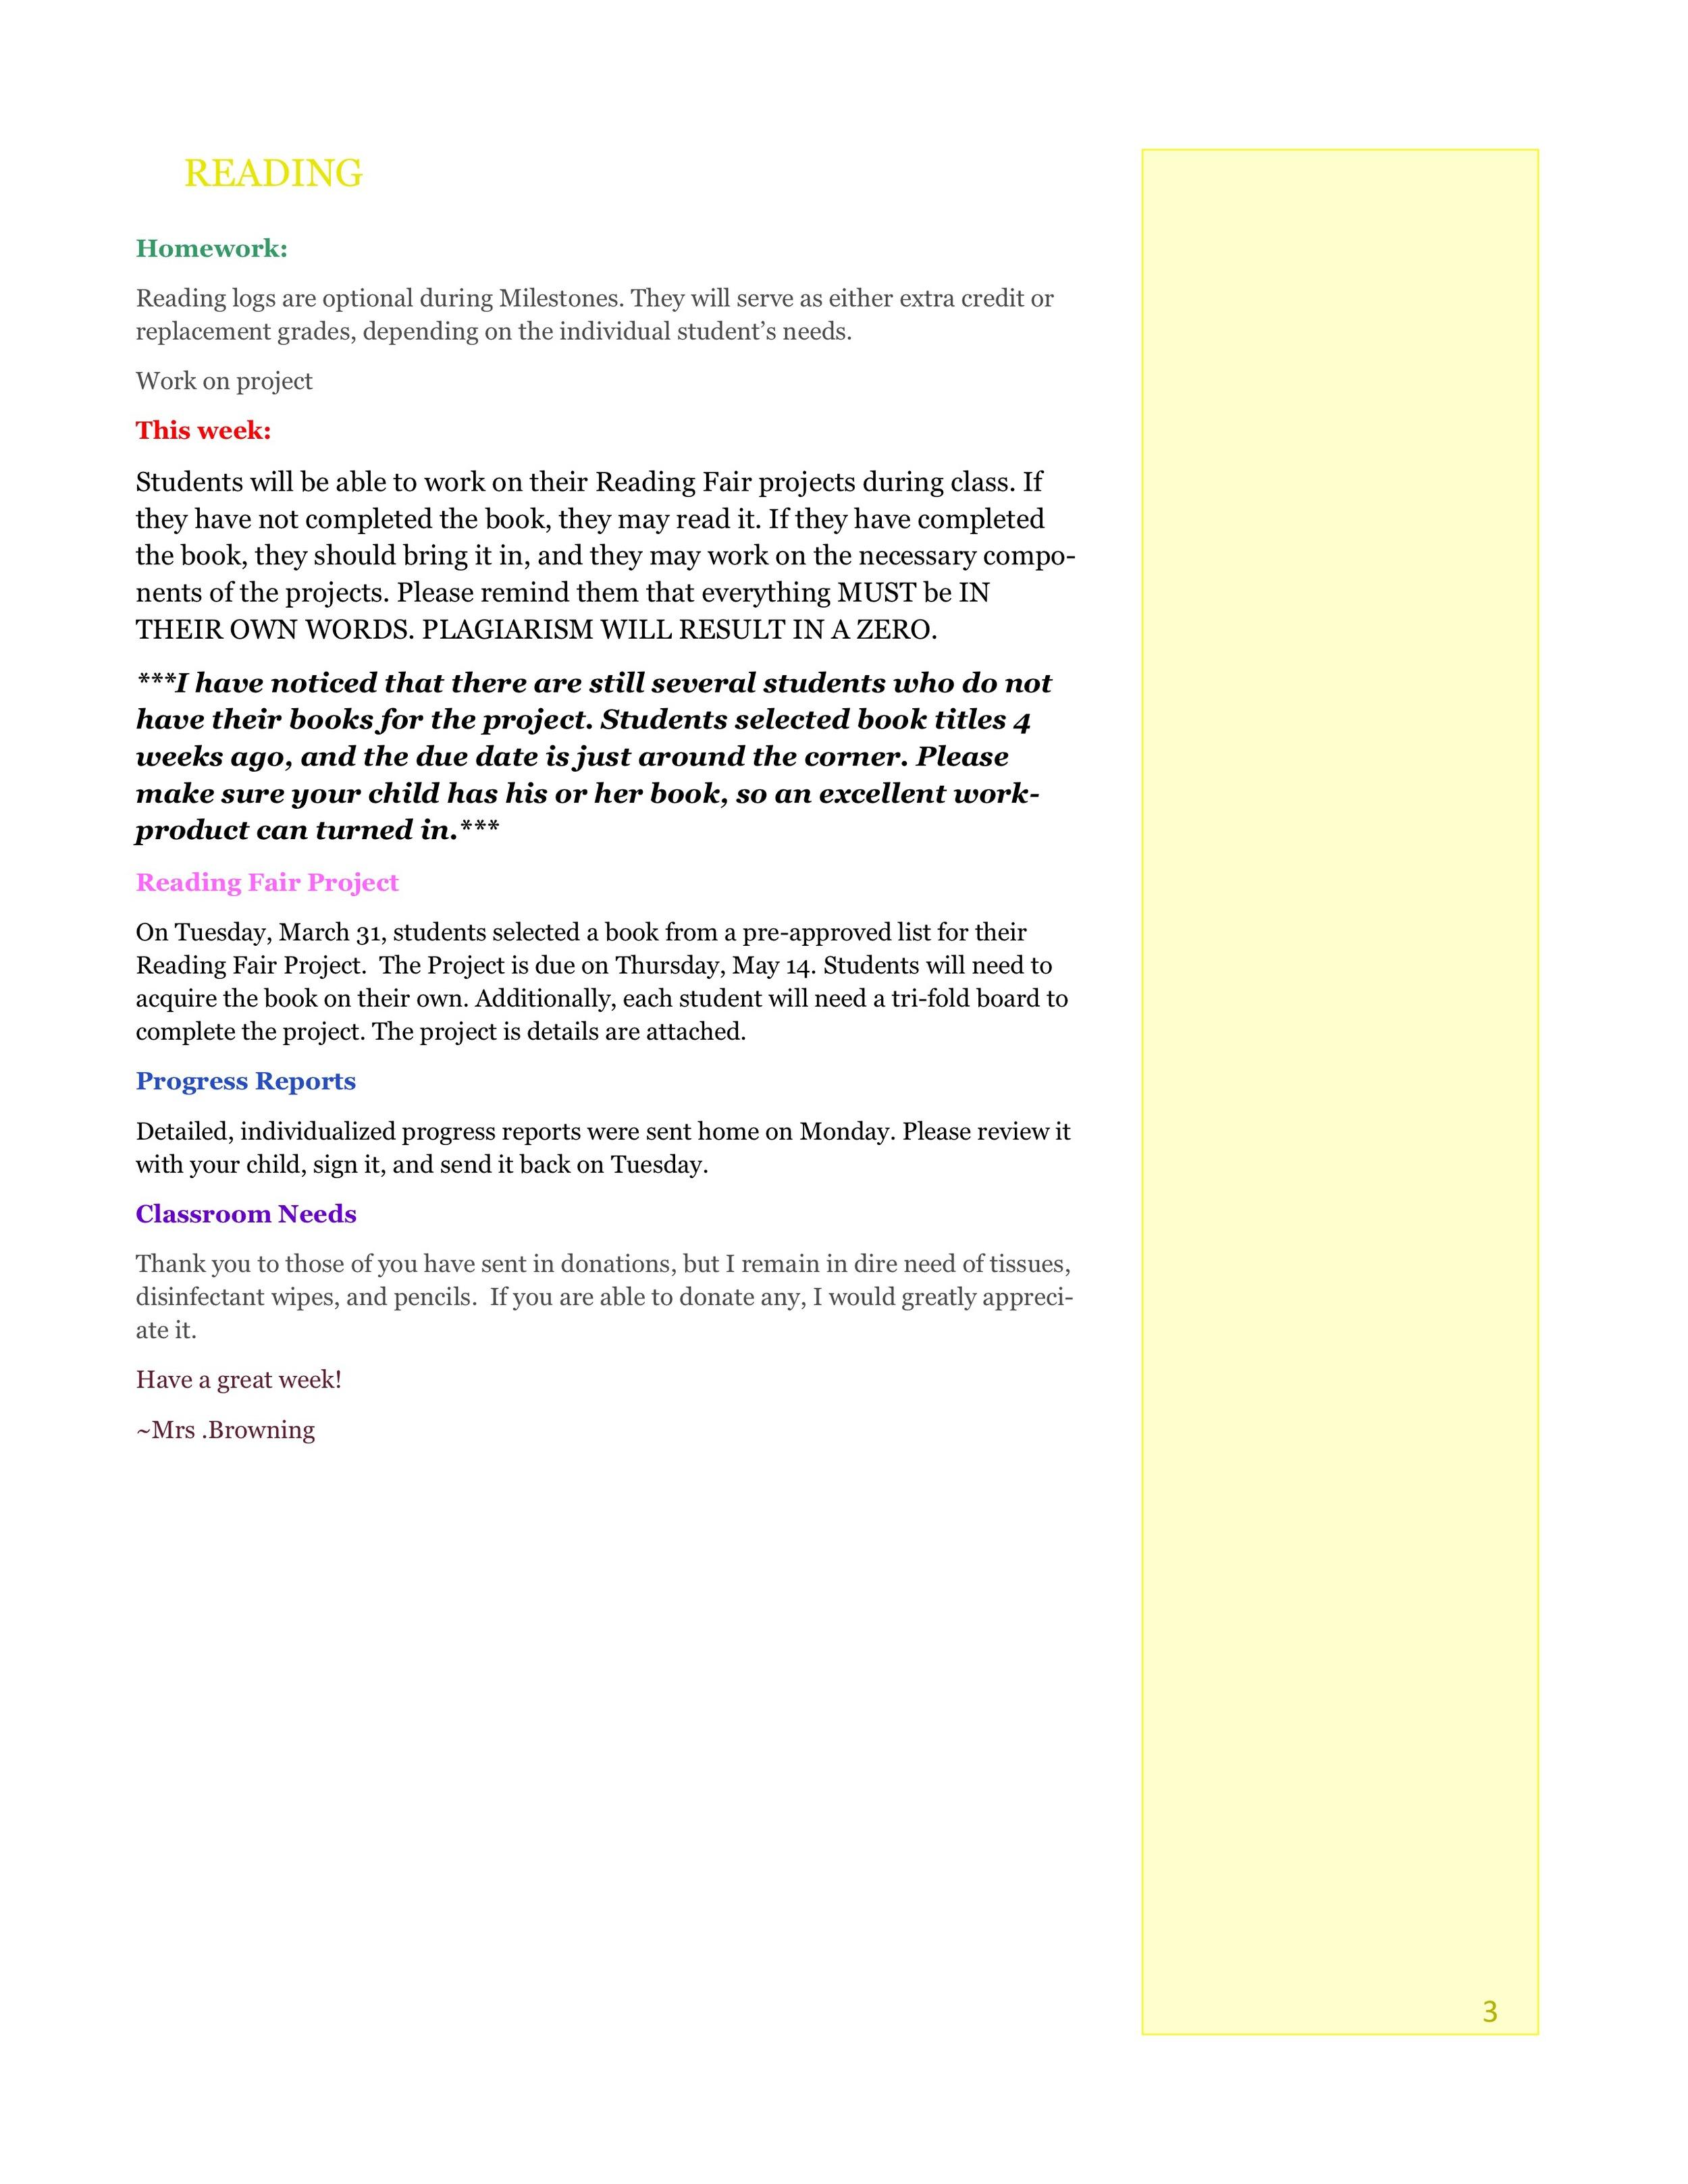 Newsletter Image6th grade April 27 3.jpeg